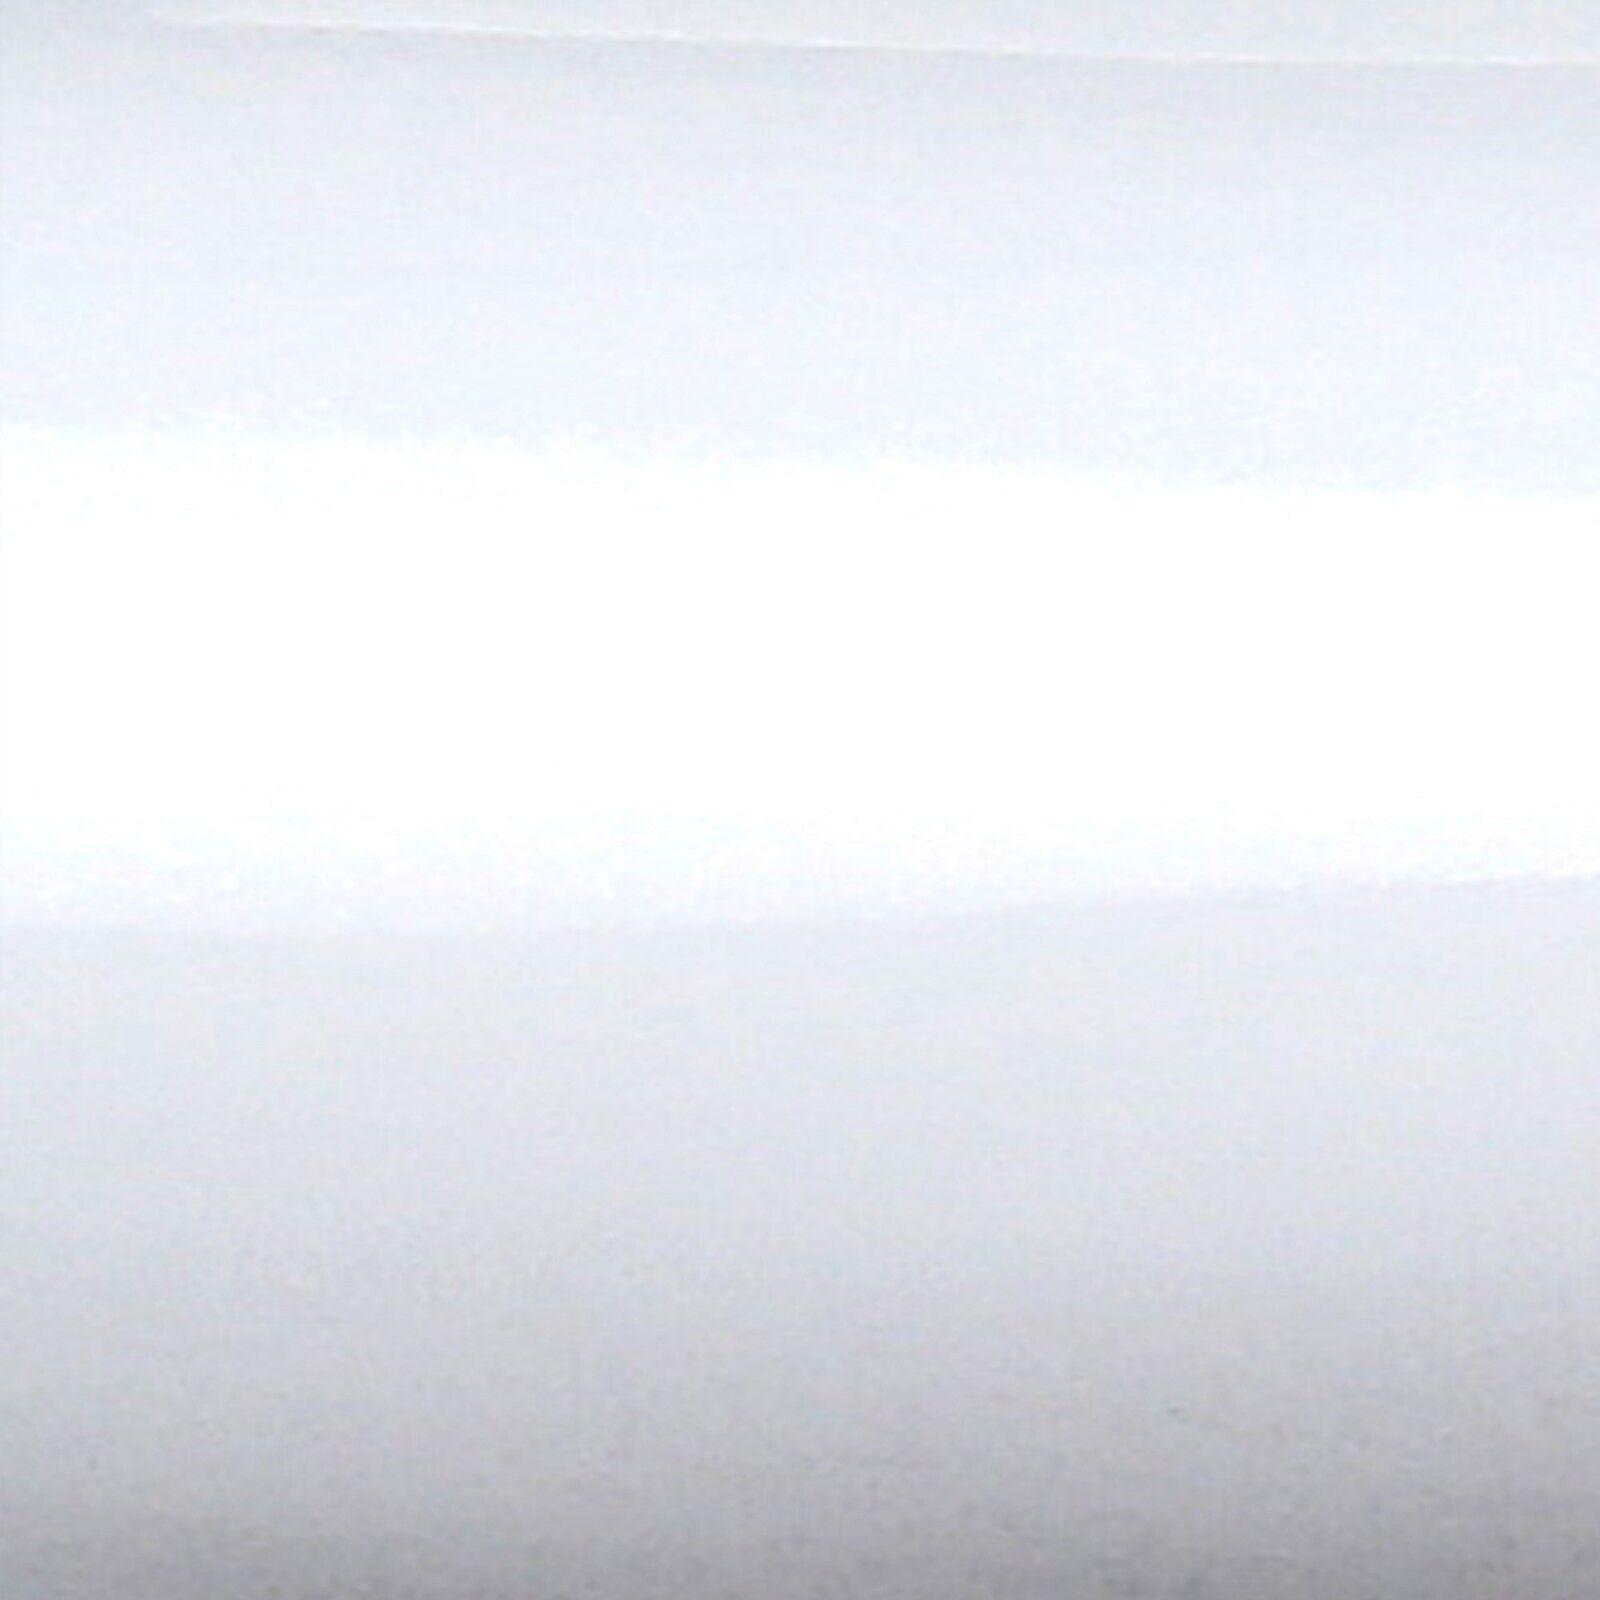 Premium m² BIANCO LUCIDO AUTO Pellicola Lucida Senza Bolle Bolle Bolle Canali Aria Pellicola Wrap 0d9e05